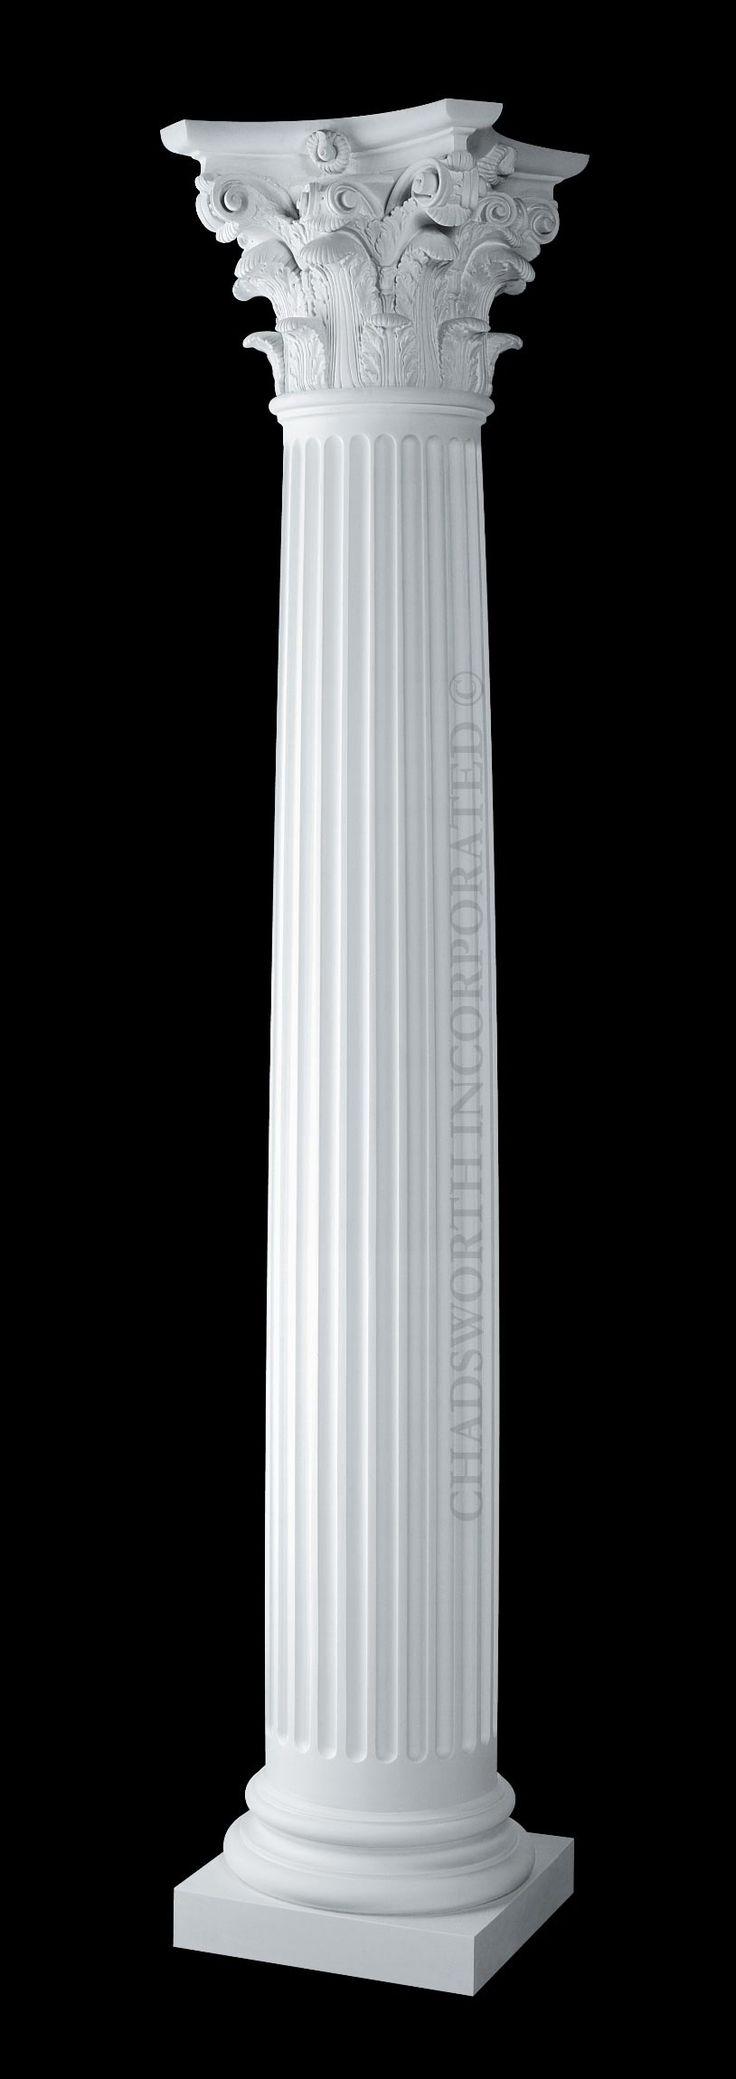 Best 25 corinthian order ideas on pinterest corinthian for Fluted fiberglass columns